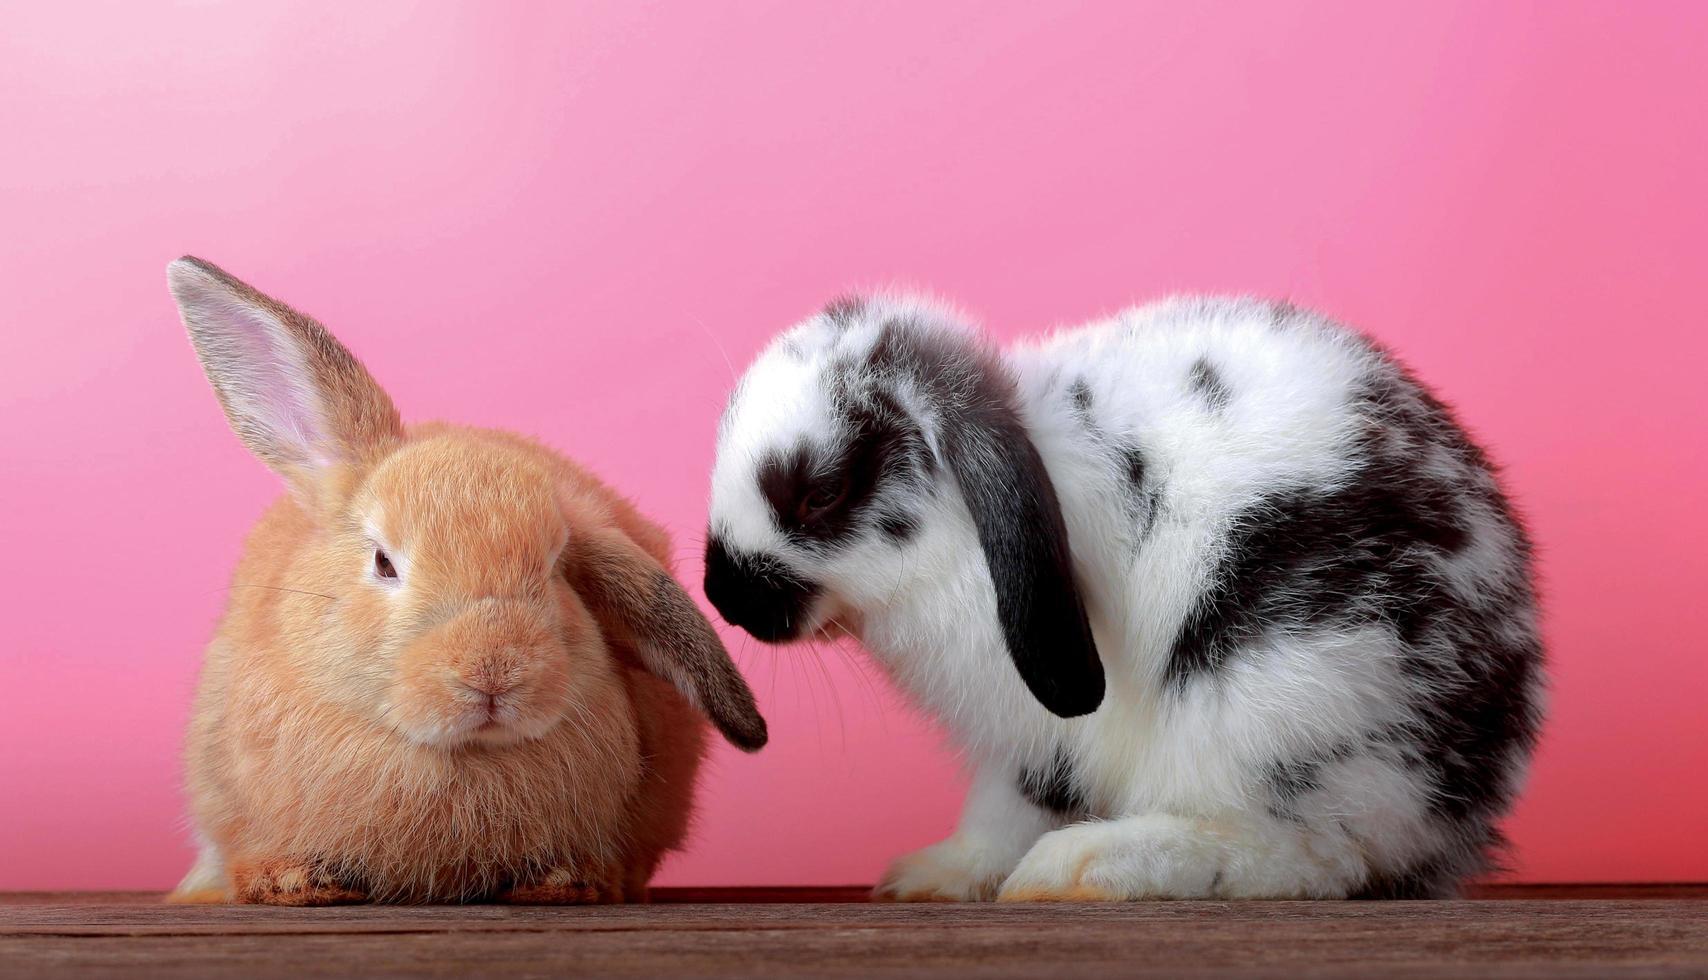 due simpatici conigli su sfondo rosa foto